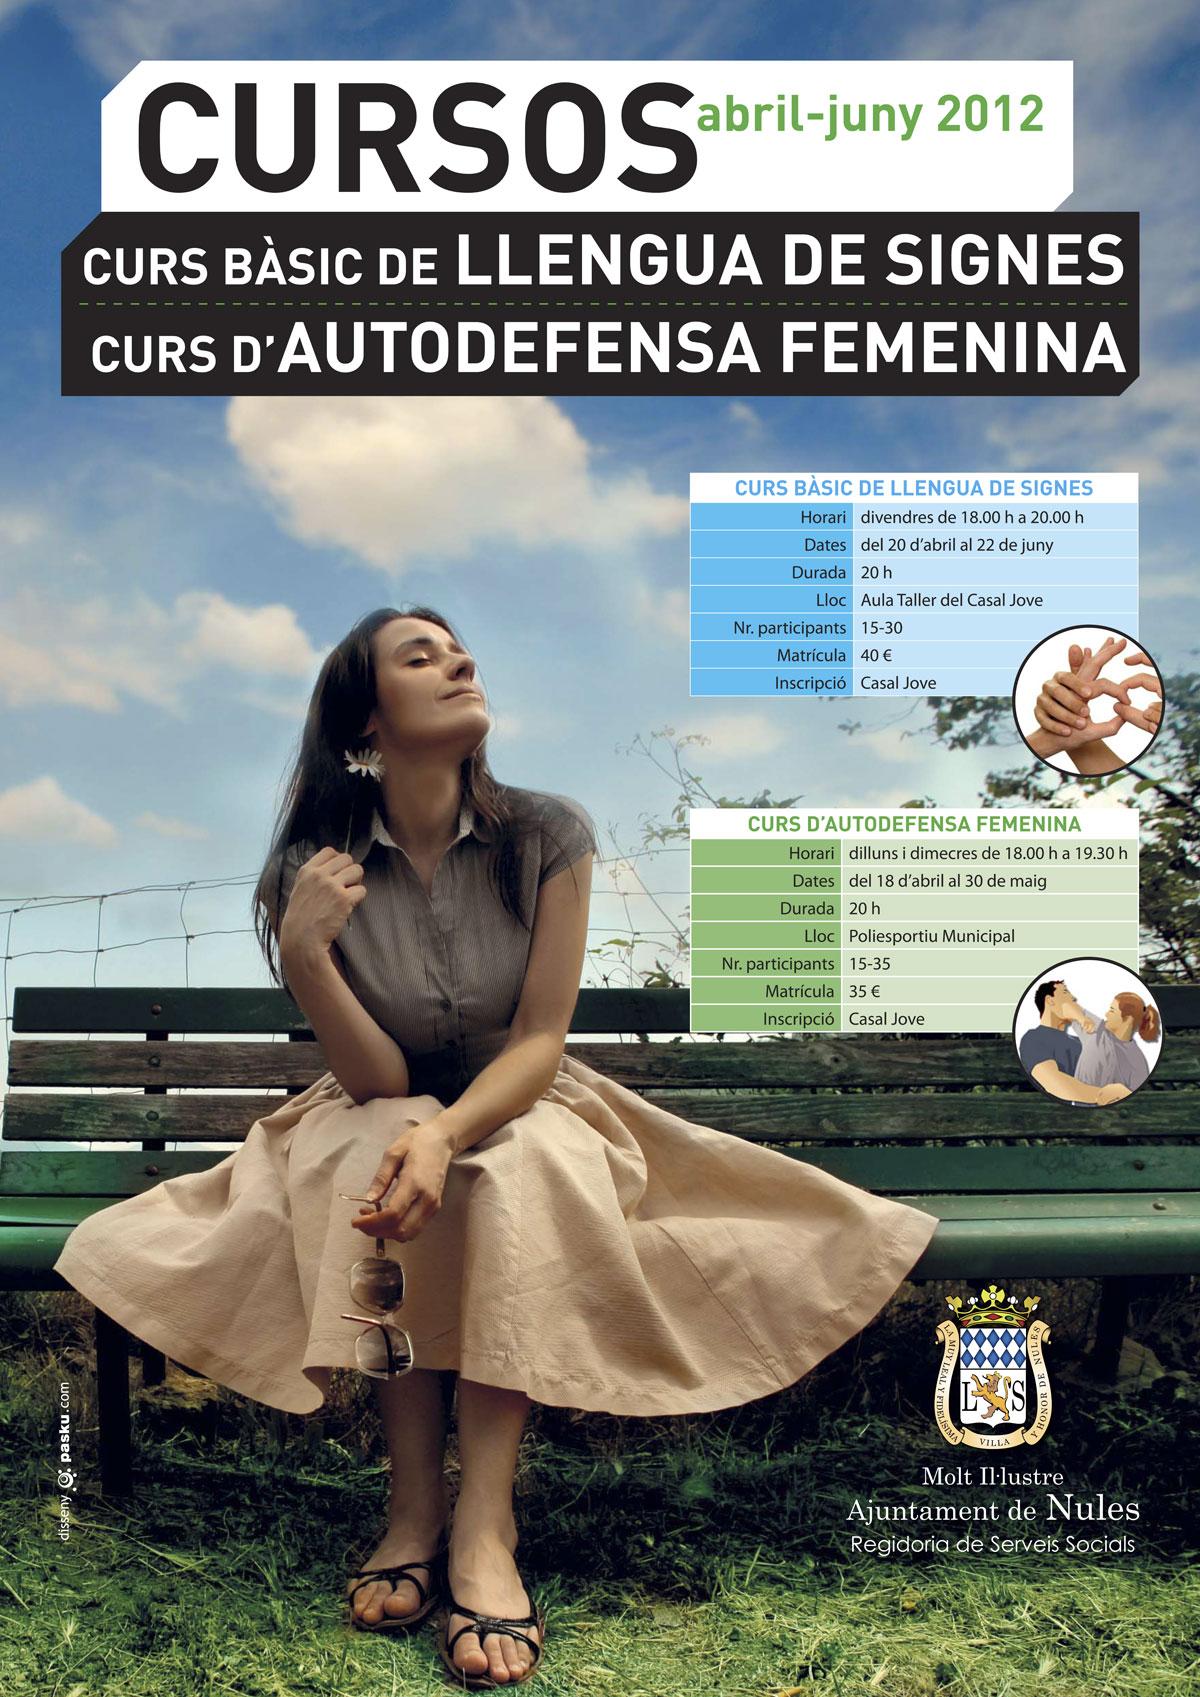 Curs bàsic de LLENGUA DE SIGNES - Curs d'AUTODEFENSA FEMENINA